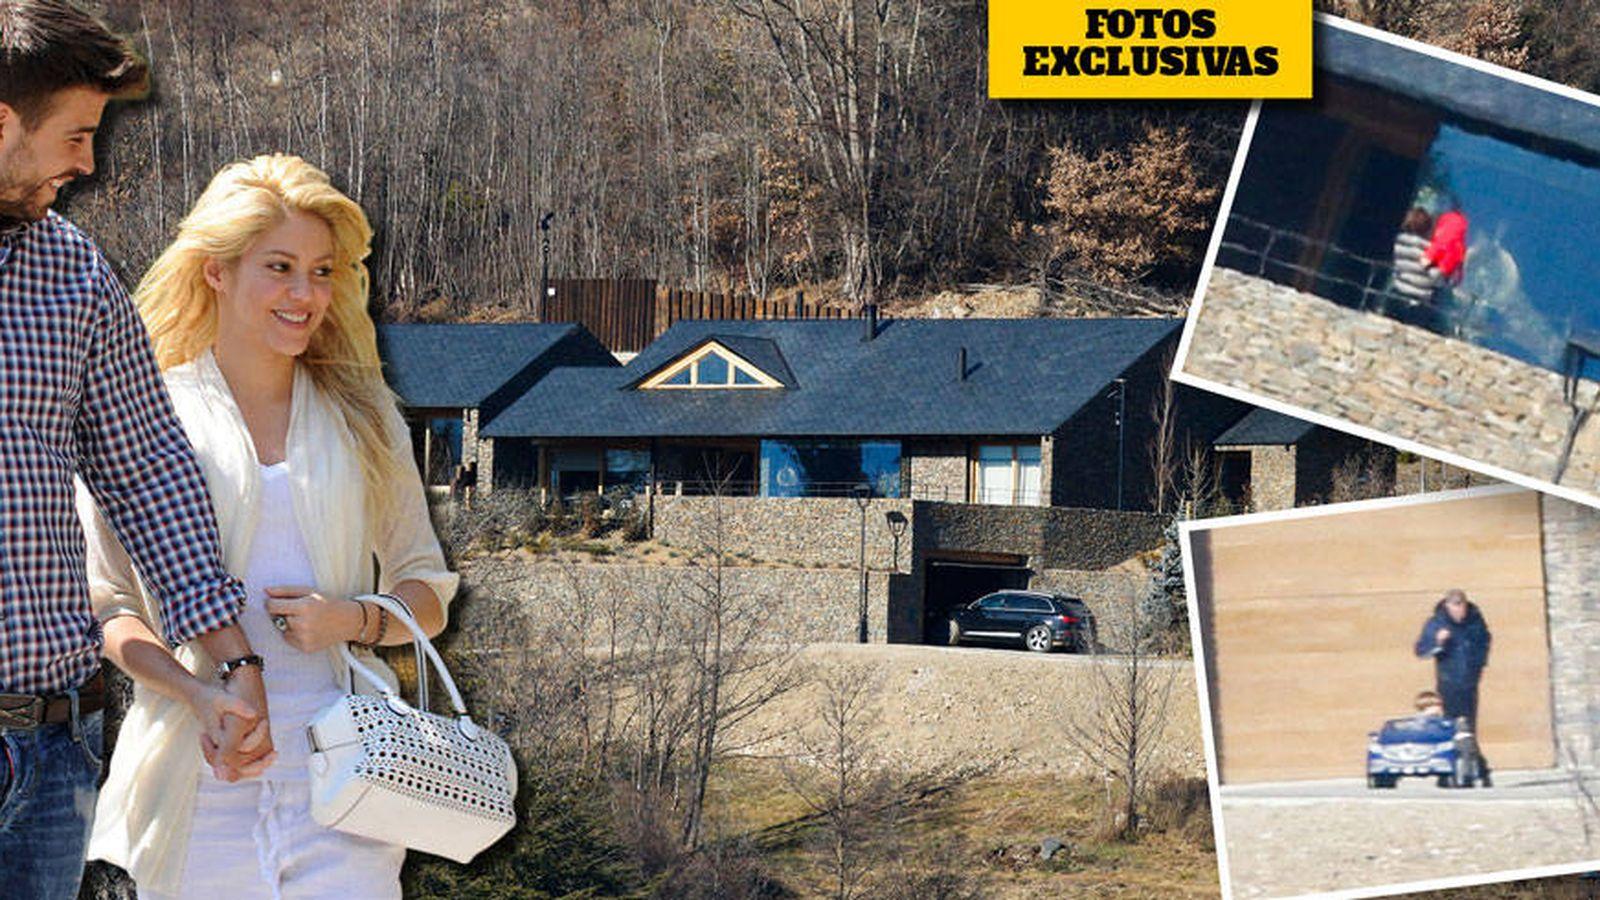 Noticias de famosos shakira y gerard piqu disfrutan ya for Para su casa